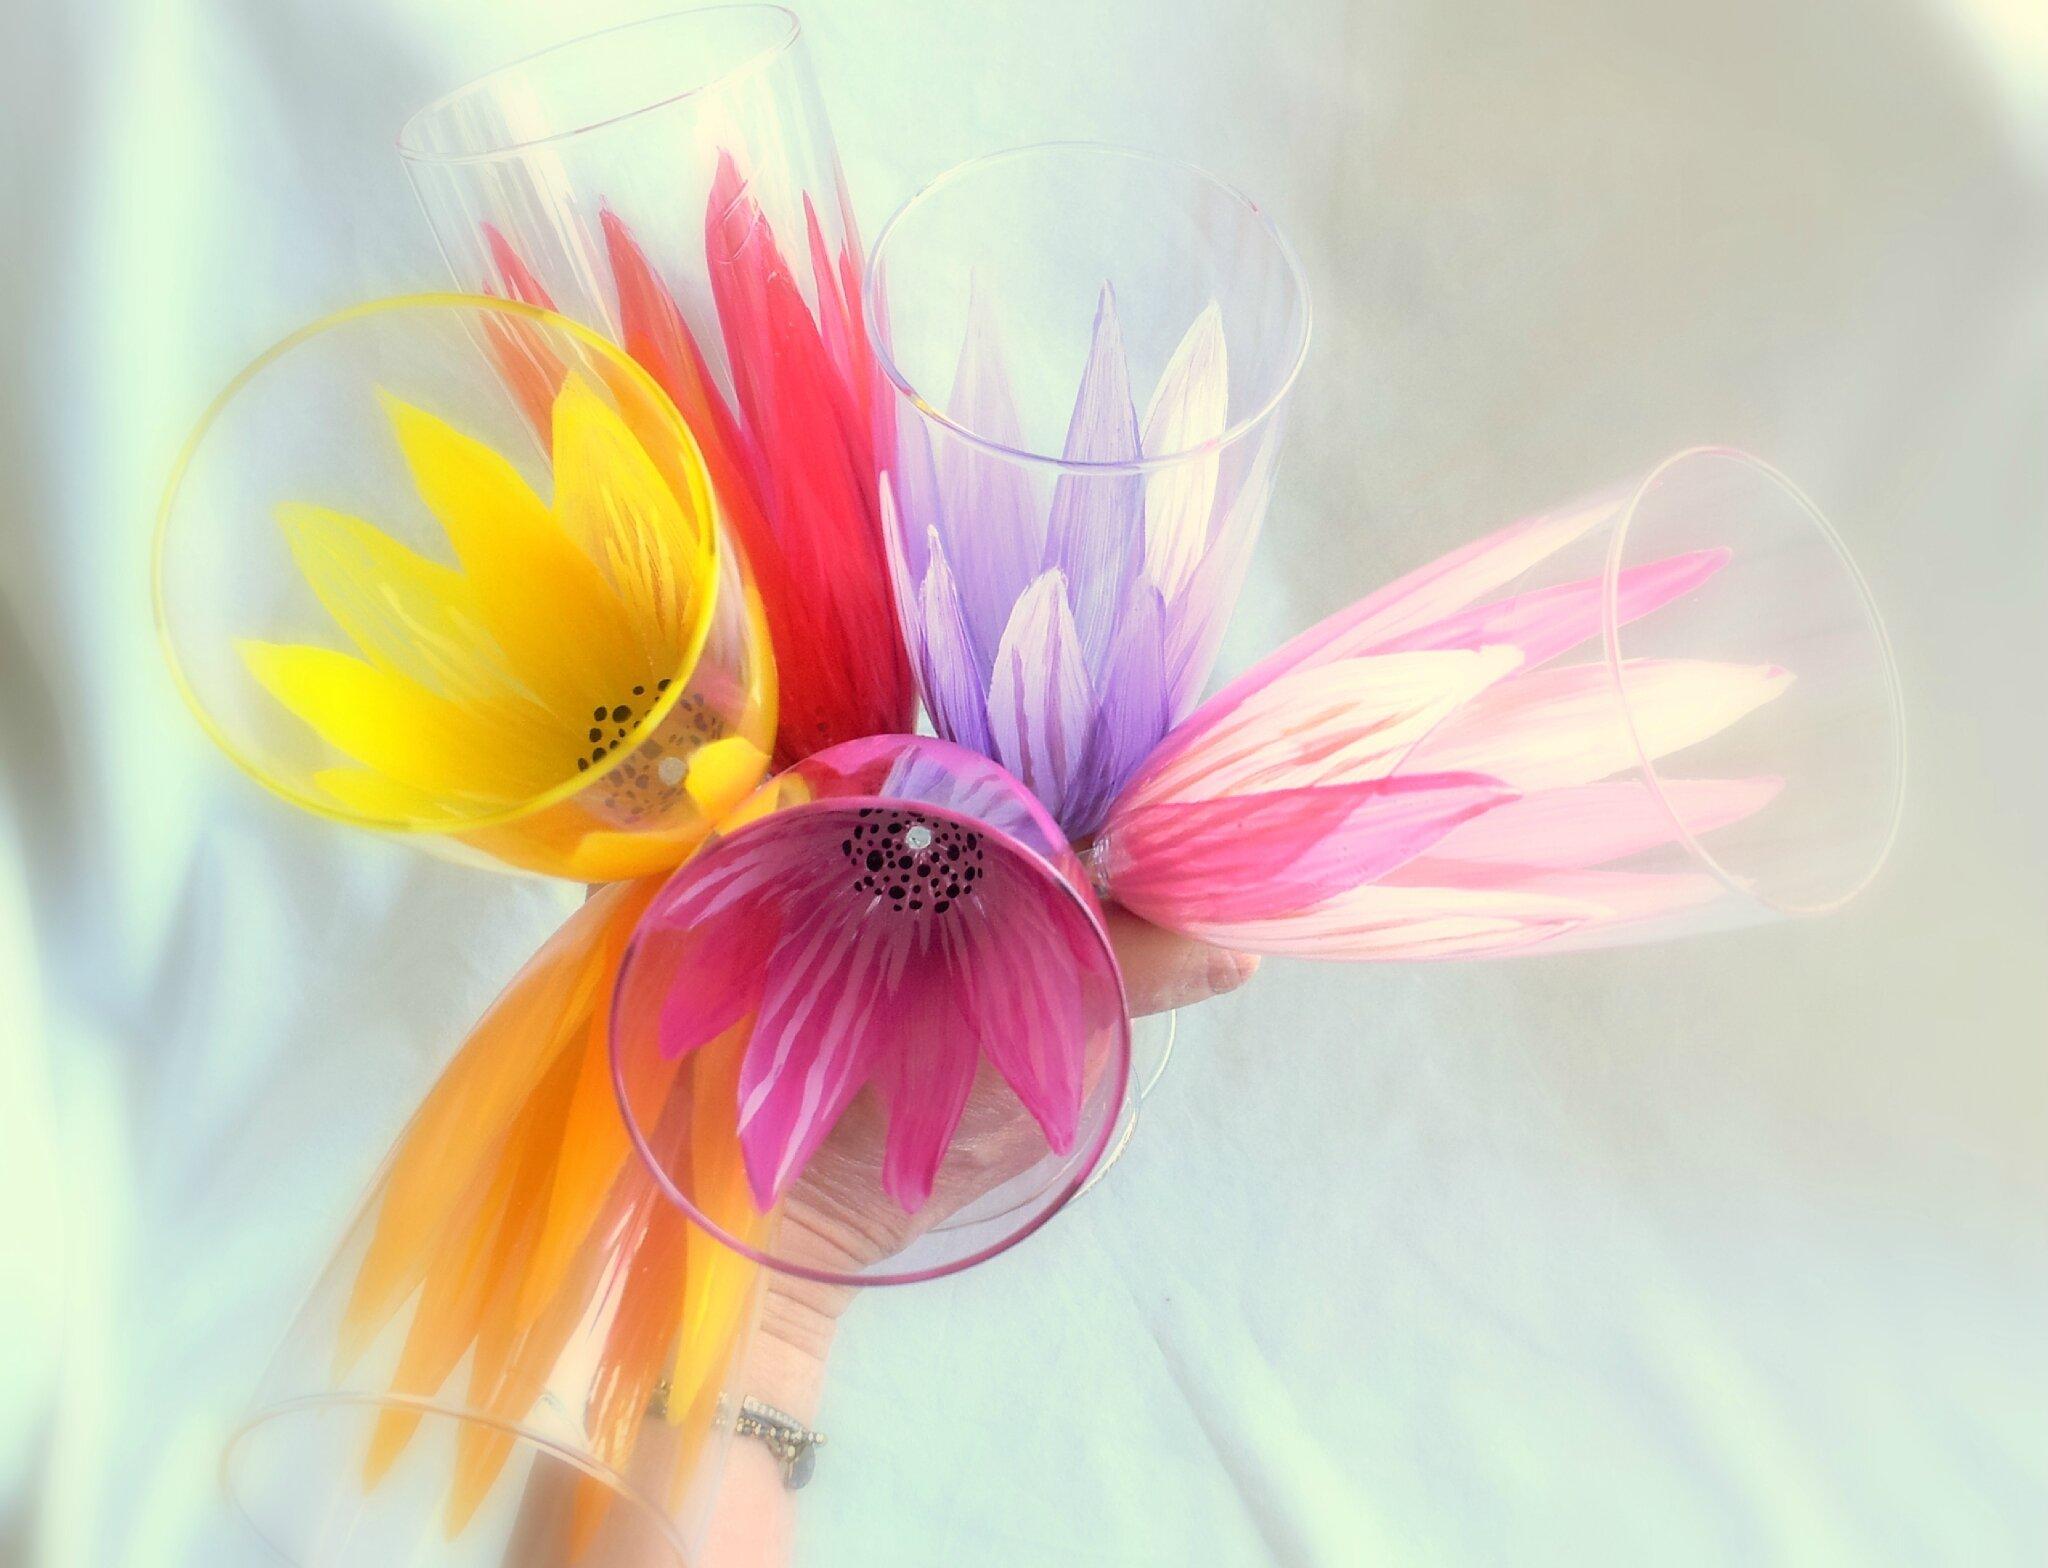 Uu bouquet de flûtes arc-en-ciel !!!